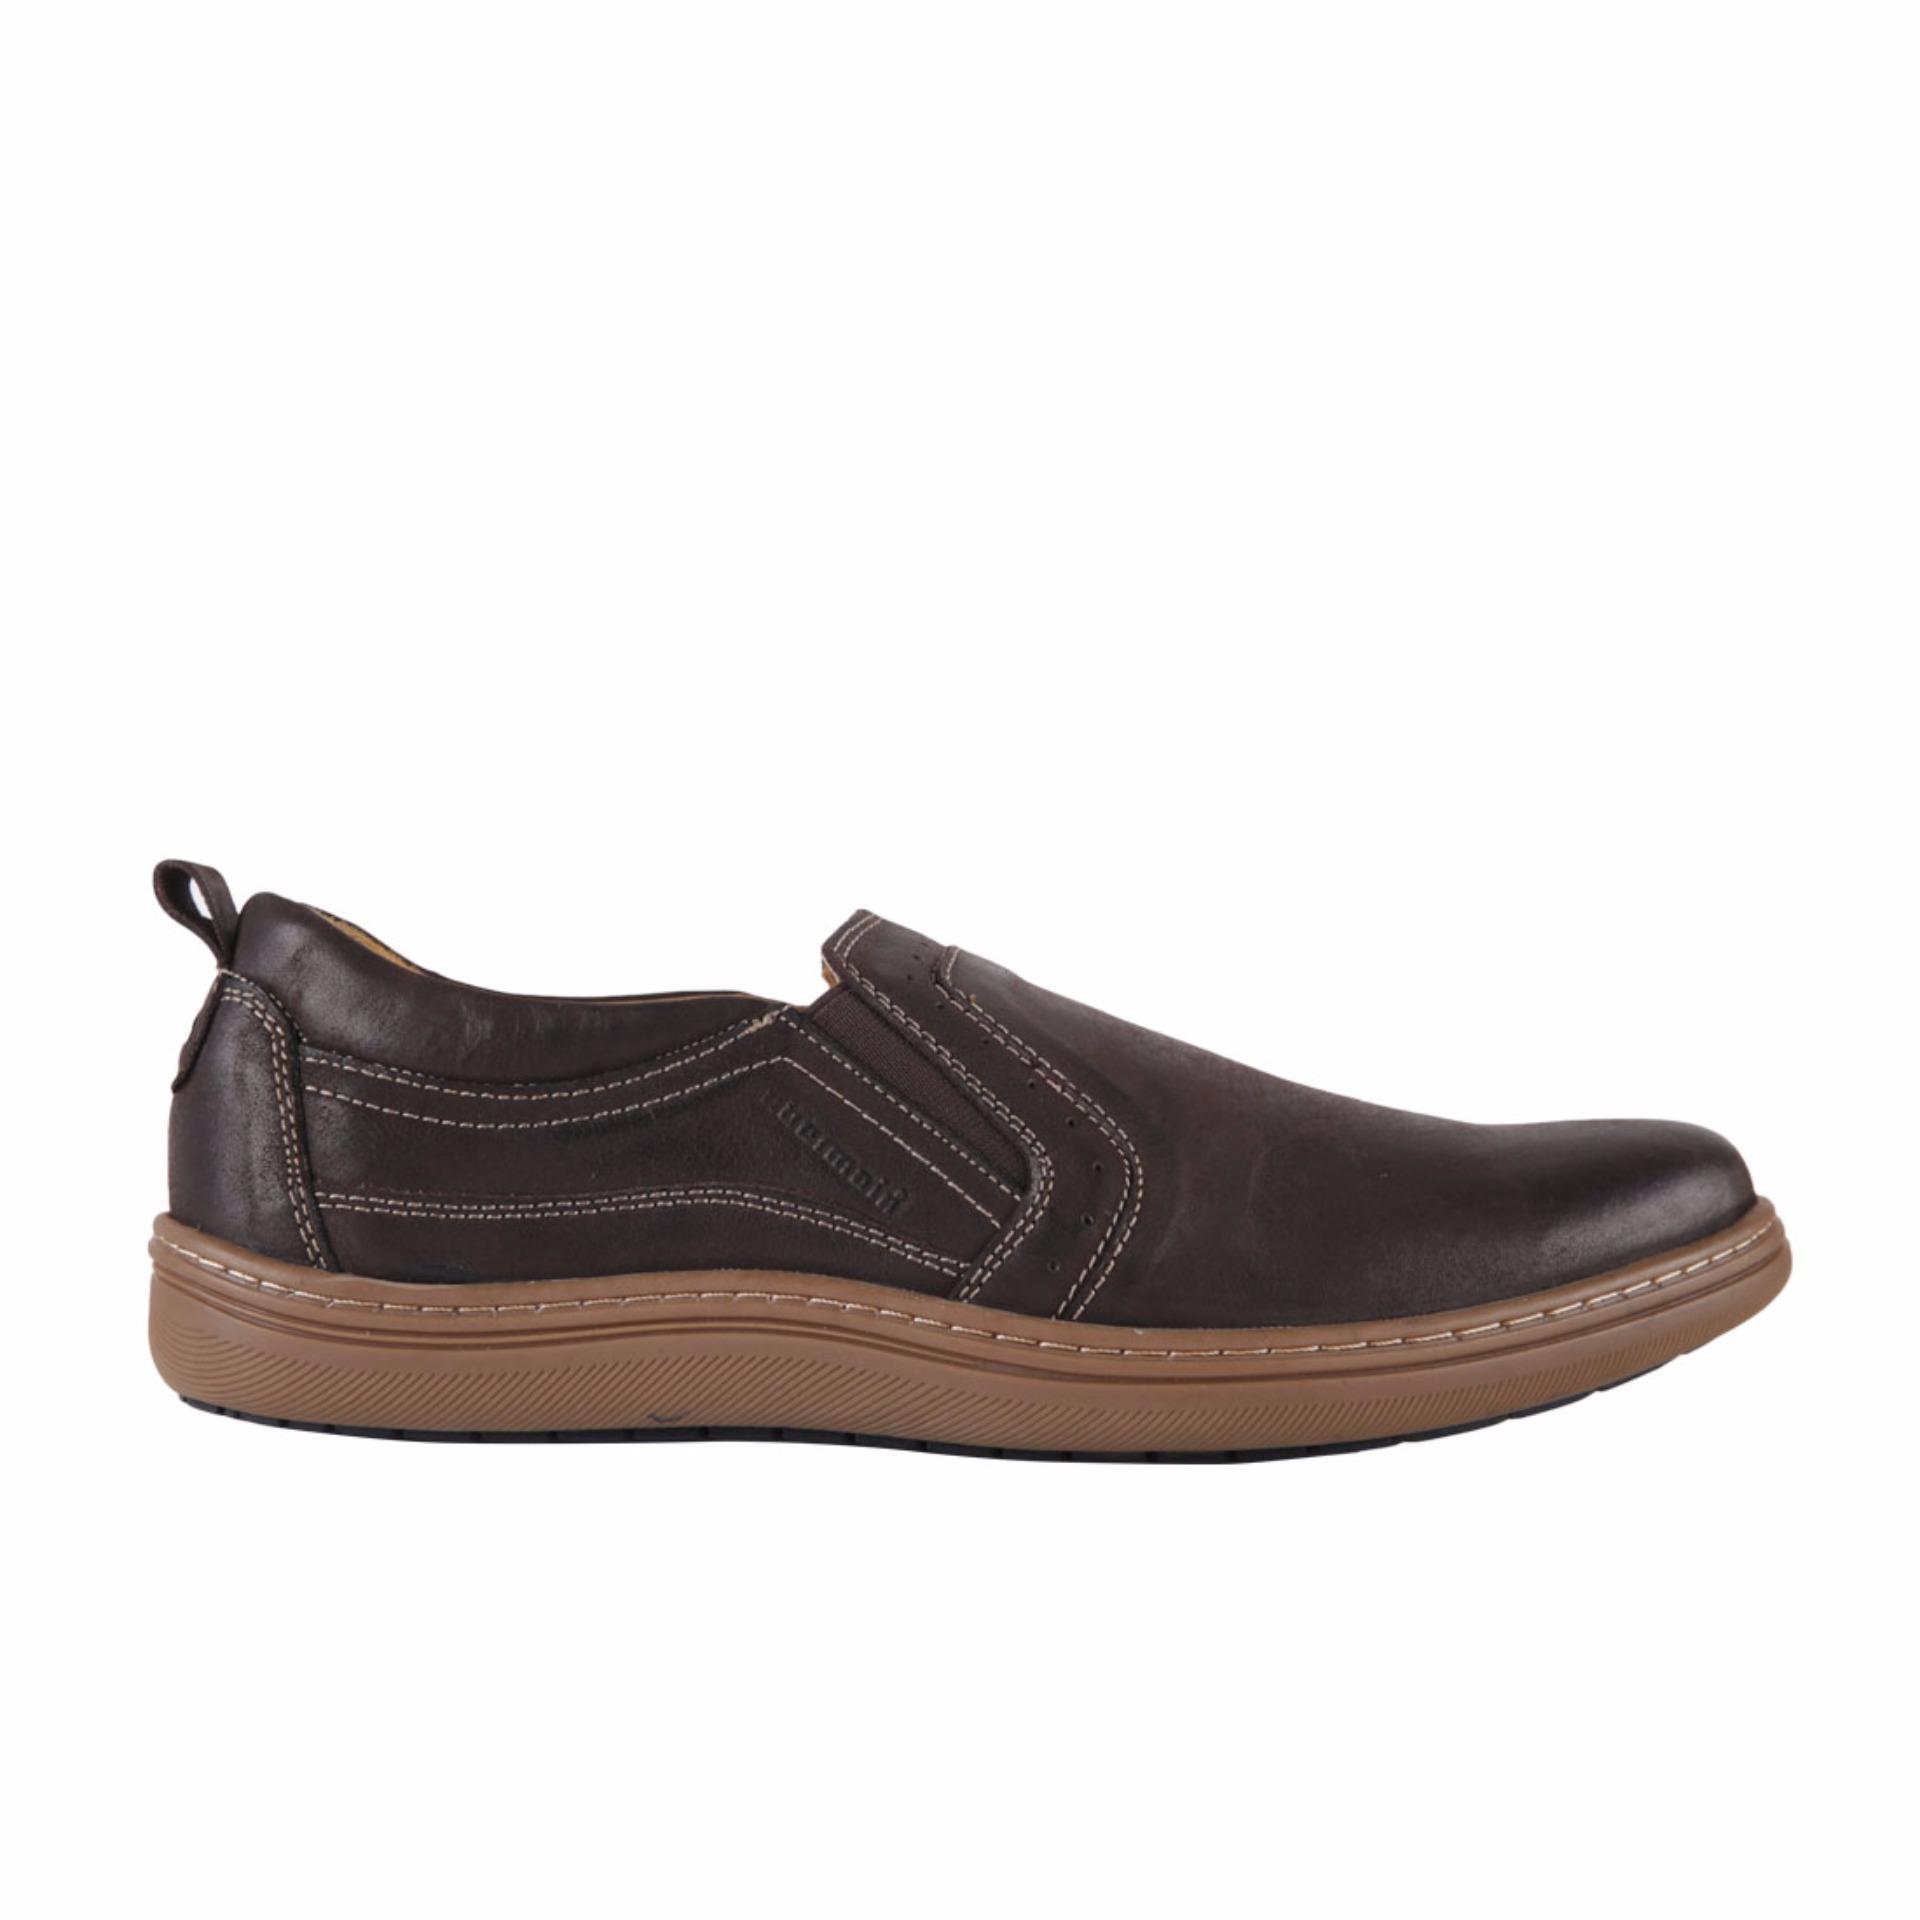 Beli Obermain Sepatu Kasual Pria Jared Online Murah